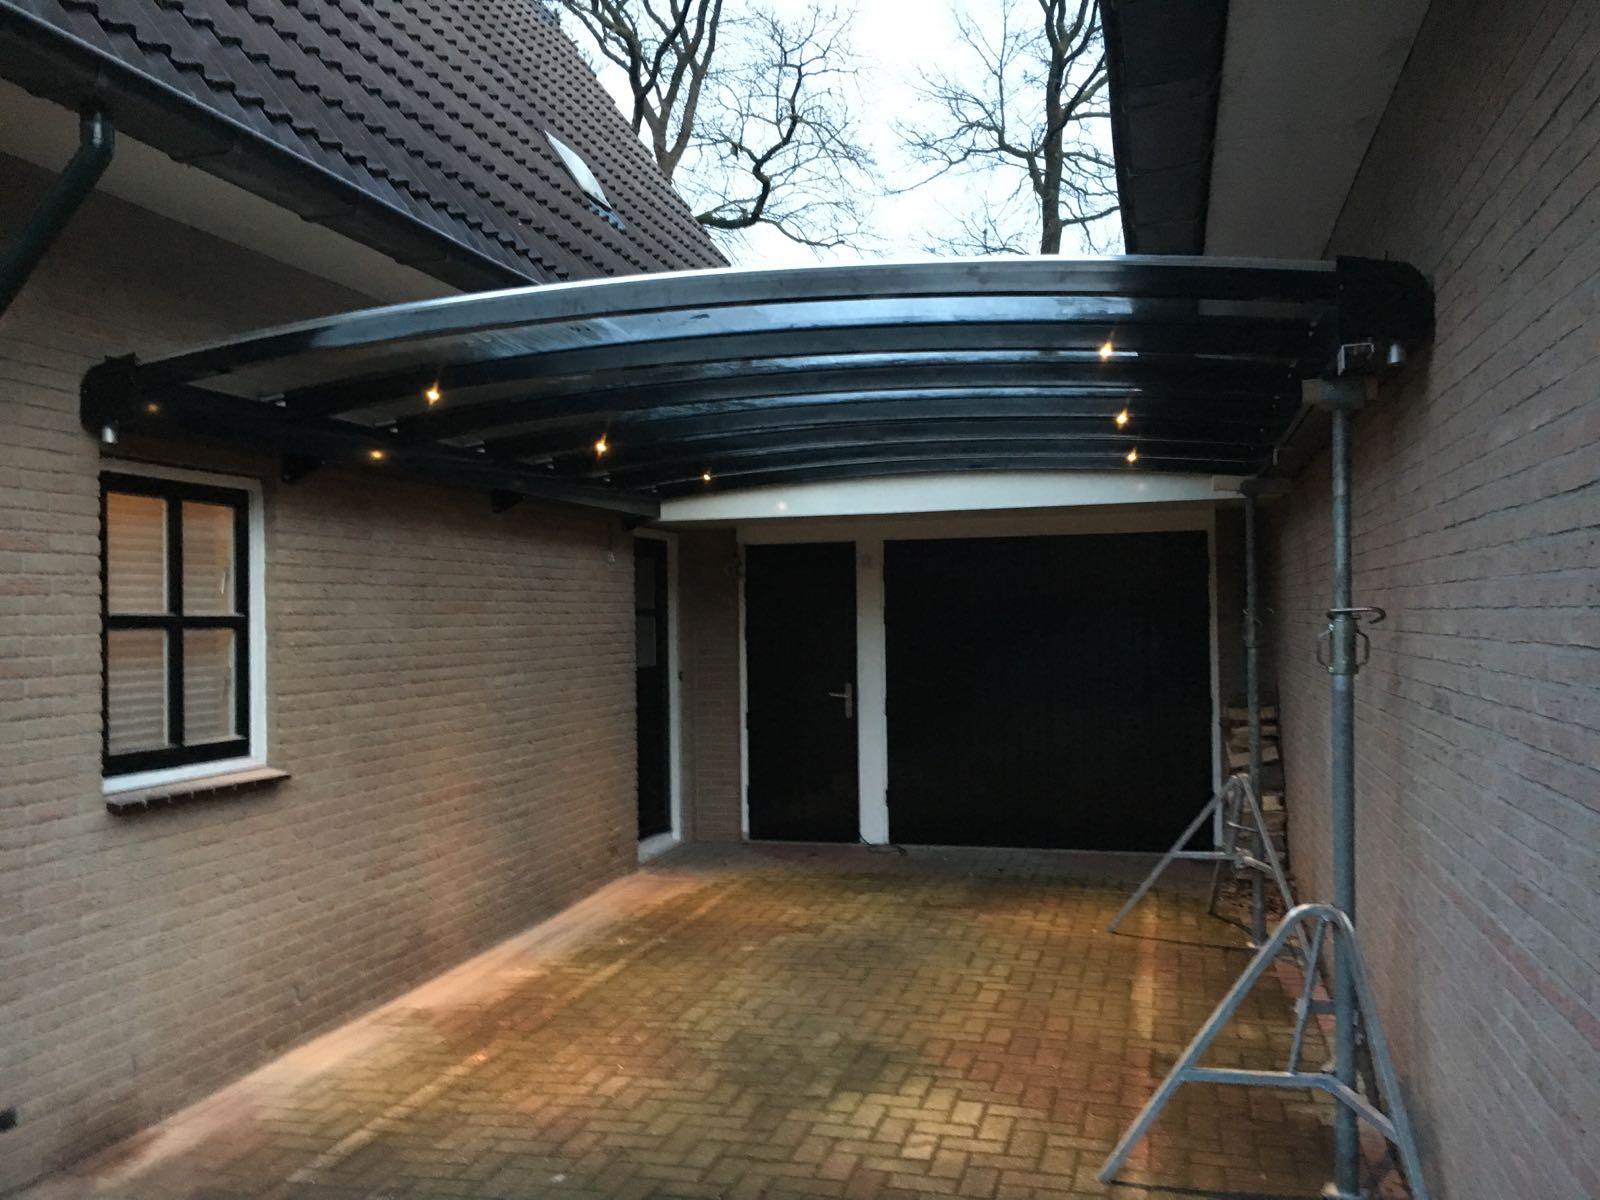 Luxe carport met verlichting en glas tussen twee huizen